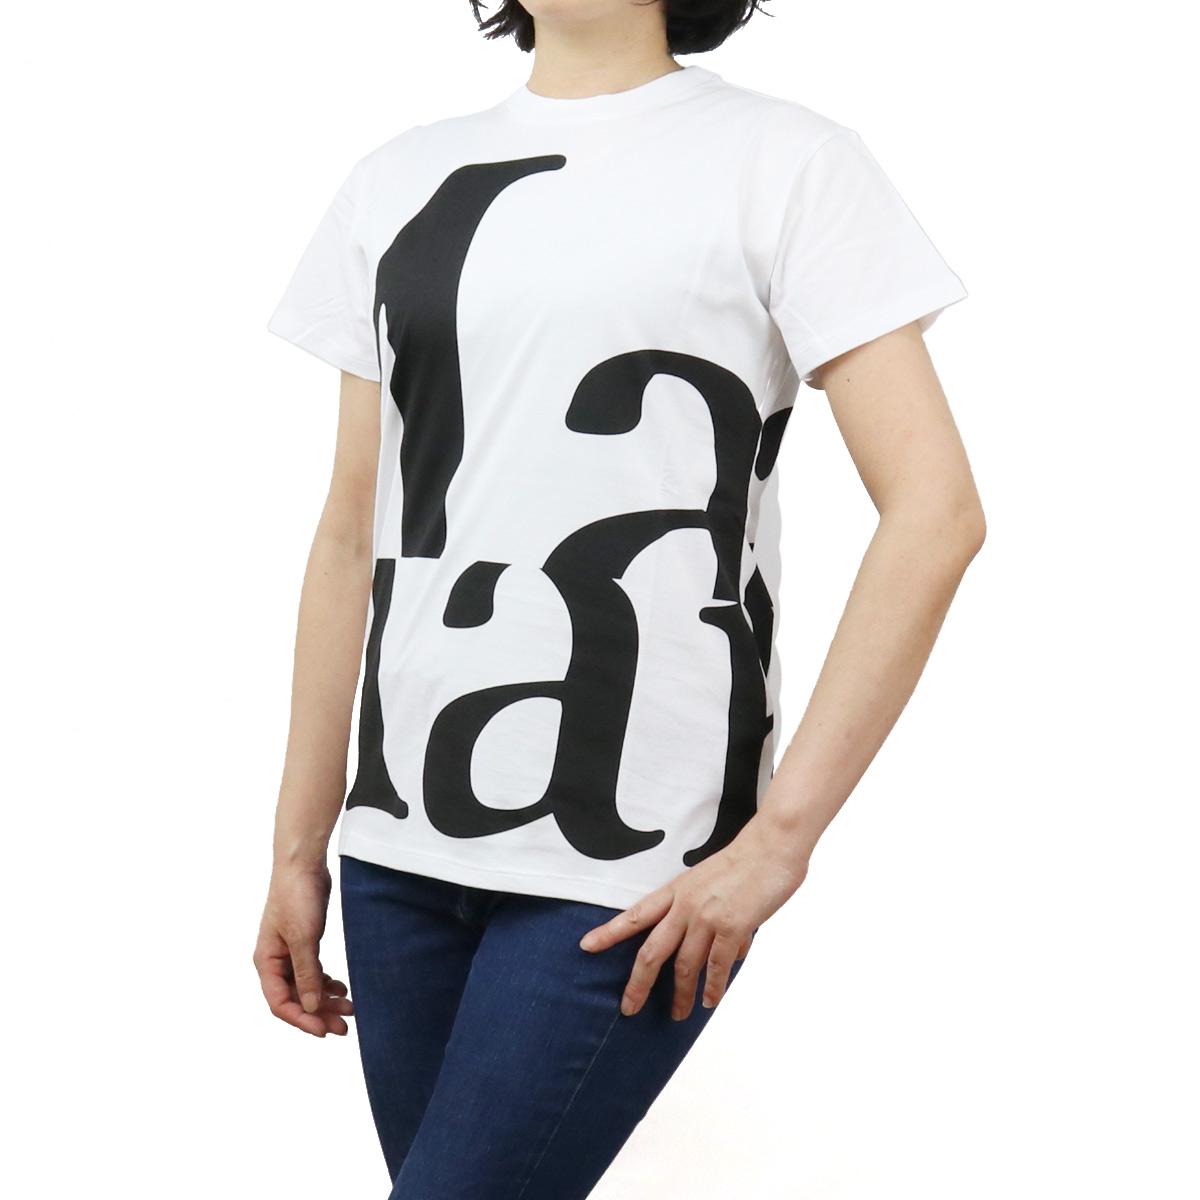 ※ 送料無料 ラッピング無料 2021春夏新作 メゾンマルジェラ Maison Margiela レディース-Tシャツ S22816 100 bos-36 ts-01 ホワイト系 apparel-01 セール 特集 レディース 贈物 S51GC0496